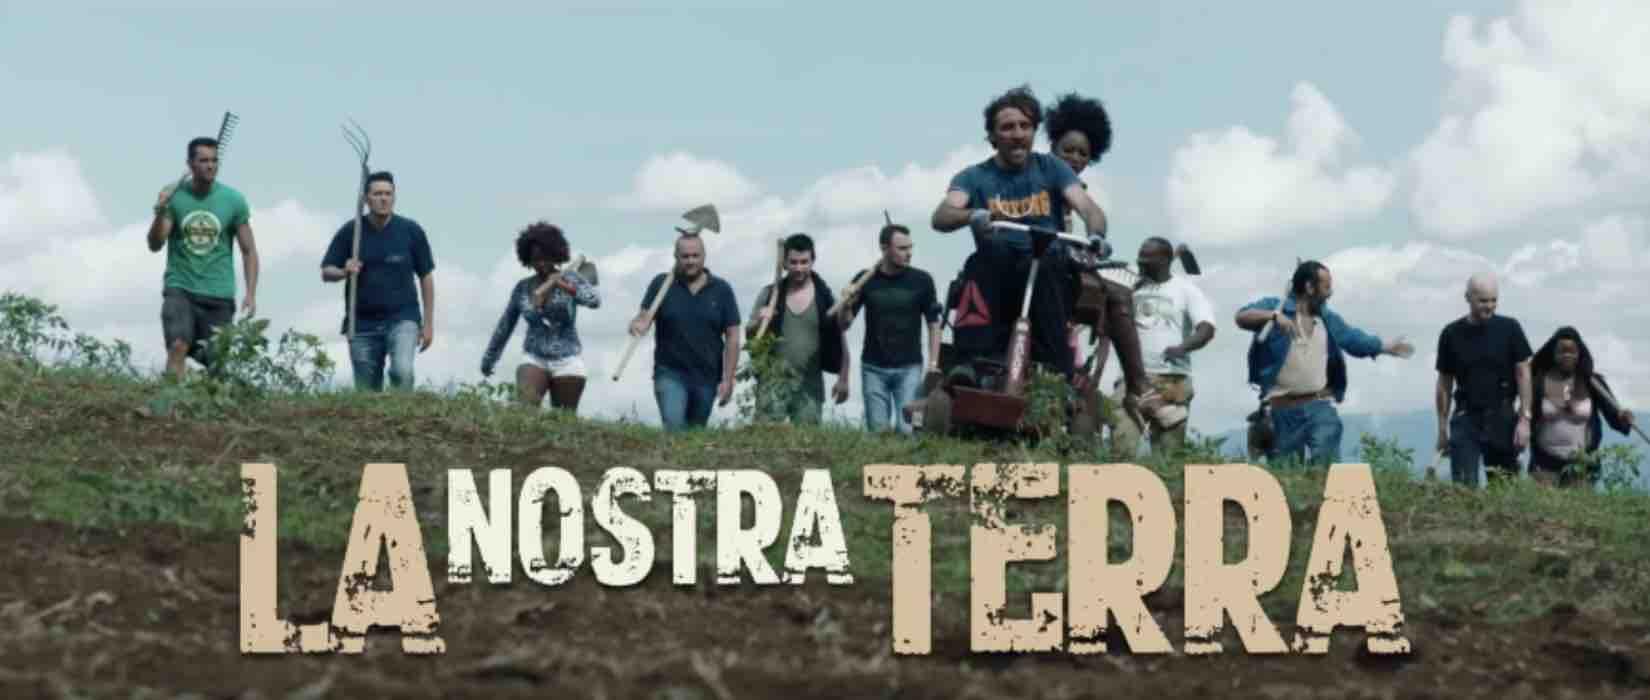 La nostra terra: trama del film su Rai 1 con Iaia Forte e Debora Caprioglio